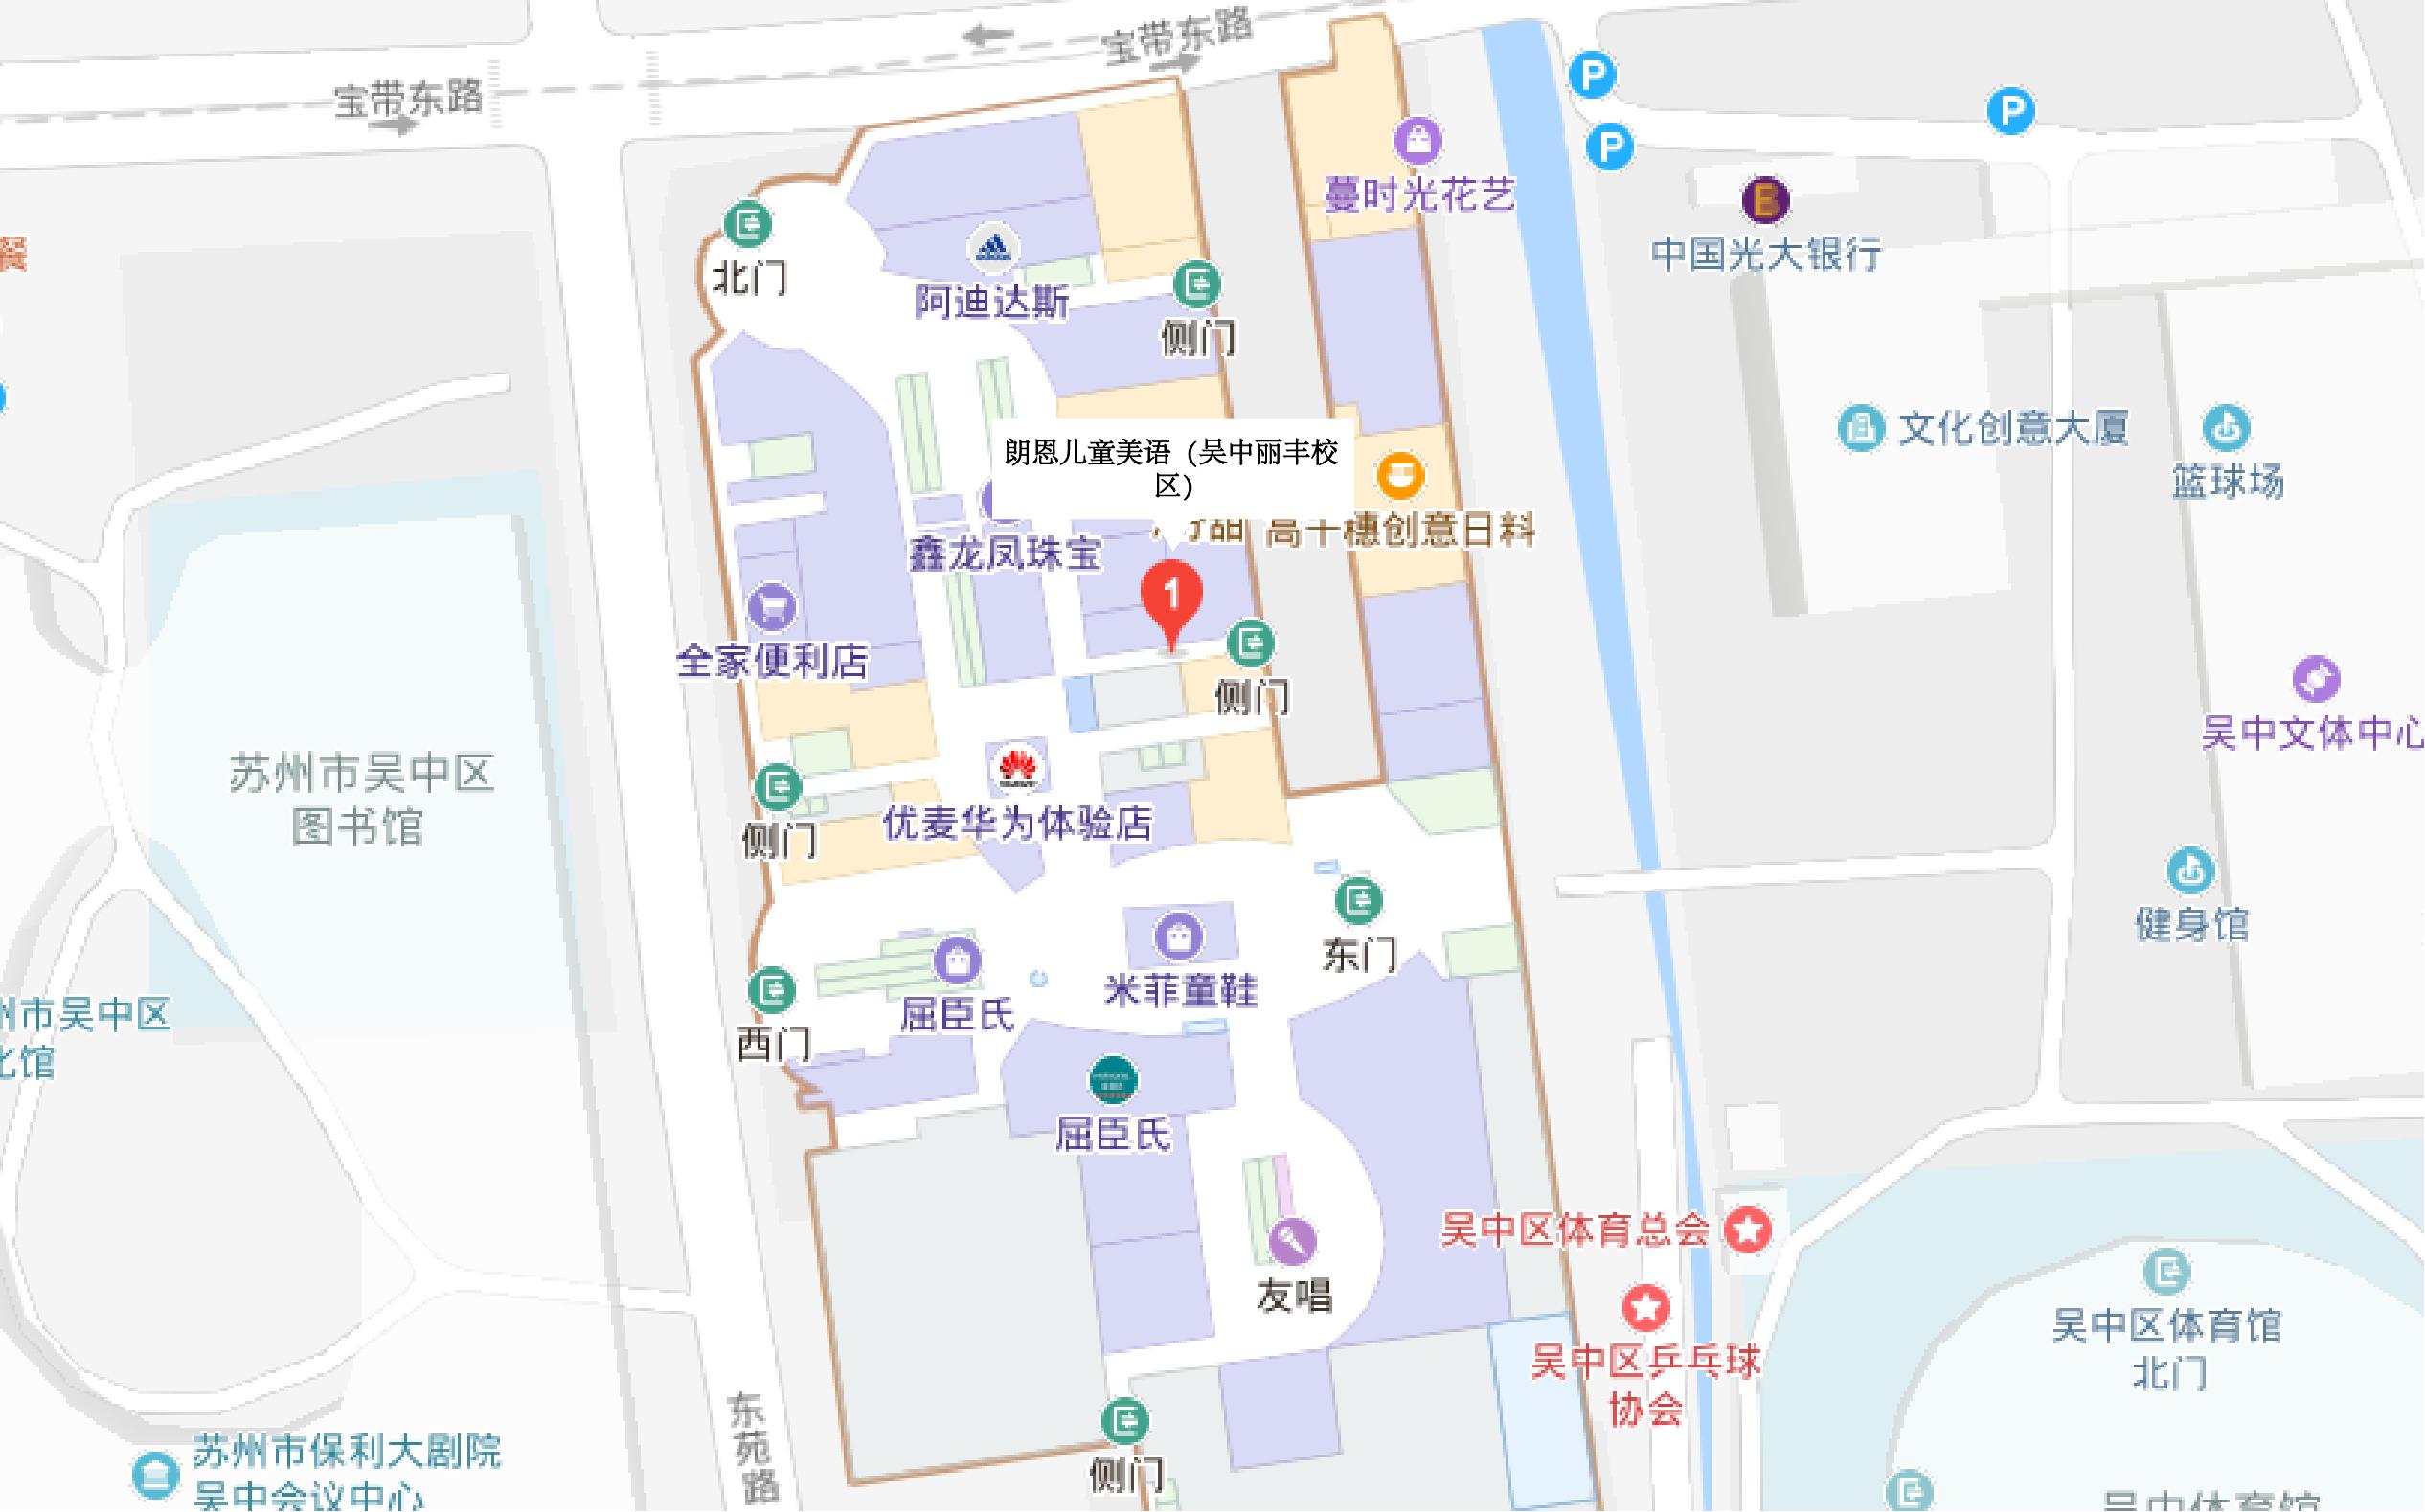 苏州吴中丽丰校区